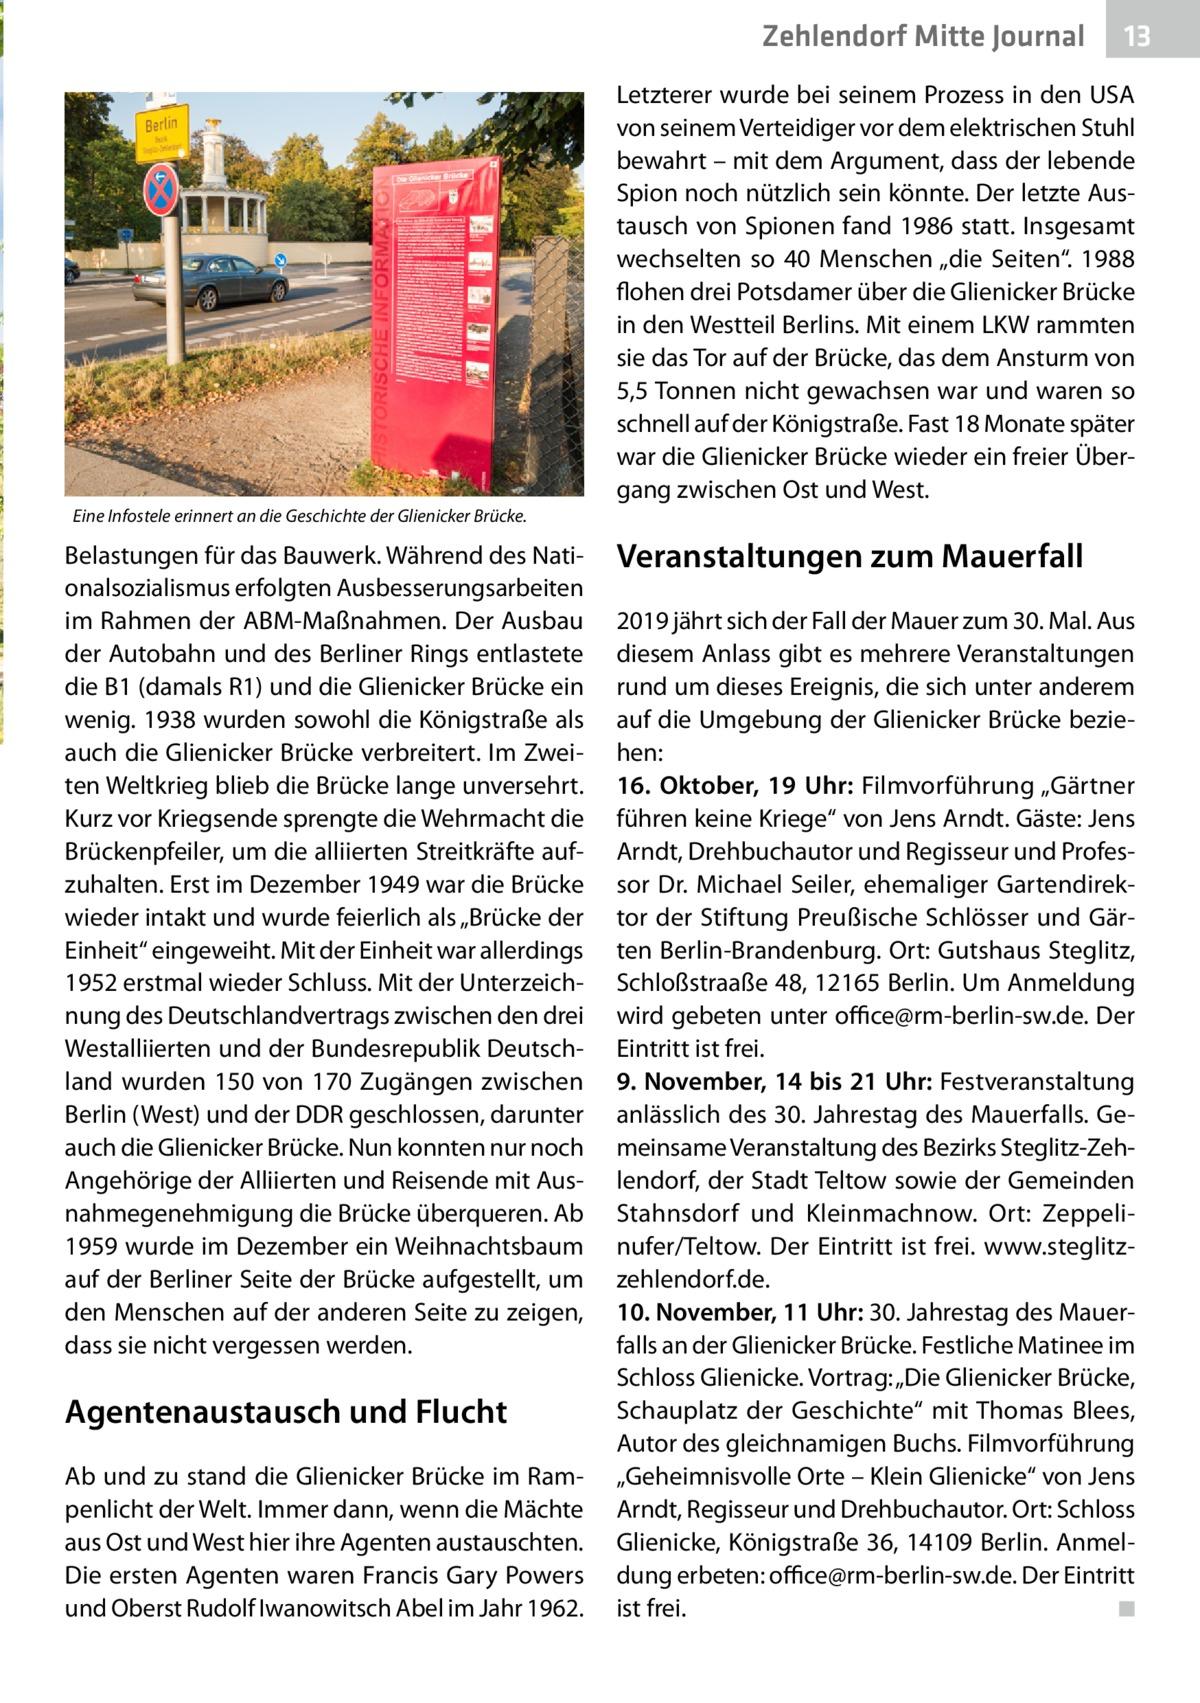 """Zehlendorf Mitte Journal  13  Letzterer wurde bei seinem Prozess in den USA von seinem Verteidiger vor dem elektrischen Stuhl bewahrt – mit dem Argument, dass der lebende Spion noch nützlich sein könnte. Der letzte Austausch von Spionen fand 1986 statt. Insgesamt wechselten so 40 Menschen """"die Seiten"""". 1988 flohen drei Potsdamer über die Glienicker Brücke in den Westteil Berlins. Mit einem LKW rammten sie das Tor auf der Brücke, das dem Ansturm von 5,5Tonnen nicht gewachsen war und waren so schnell auf der Königstraße. Fast 18 Monate später war die Glienicker Brücke wieder ein freier Übergang zwischen Ost und West. Eine Infostele erinnert an die Geschichte der Glienicker Brücke.  Belastungen für das Bauwerk. Während des Nationalsozialismus erfolgten Ausbesserungsarbeiten im Rahmen der ABM-Maßnahmen. Der Ausbau der Autobahn und des Berliner Rings entlastete die B1 (damals R1) und die Glienicker Brücke ein wenig. 1938 wurden sowohl die Königstraße als auch die Glienicker Brücke verbreitert. Im Zweiten Weltkrieg blieb die Brücke lange unversehrt. Kurz vor Kriegsende sprengte die Wehrmacht die Brückenpfeiler, um die alliierten Streitkräfte aufzuhalten. Erst im Dezember 1949 war die Brücke wieder intakt und wurde feierlich als """"Brücke der Einheit"""" eingeweiht. Mit der Einheit war allerdings 1952 erstmal wieder Schluss. Mit der Unterzeichnung des Deutschlandvertrags zwischen den drei Westalliierten und der Bundesrepublik Deutschland wurden 150 von 170Zugängen zwischen Berlin (West) und der DDR geschlossen, darunter auch die Glienicker Brücke. Nun konnten nur noch Angehörige der Alliierten und Reisende mit Ausnahmegenehmigung die Brücke überqueren. Ab 1959 wurde im Dezember ein Weihnachtsbaum auf der Berliner Seite der Brücke aufgestellt, um den Menschen auf der anderen Seite zu zeigen, dass sie nicht vergessen werden.  Agentenaustausch und Flucht Ab und zu stand die Glienicker Brücke im Rampenlicht der Welt. Immer dann, wenn die Mächte aus Ost und West hier ihre Agenten au"""